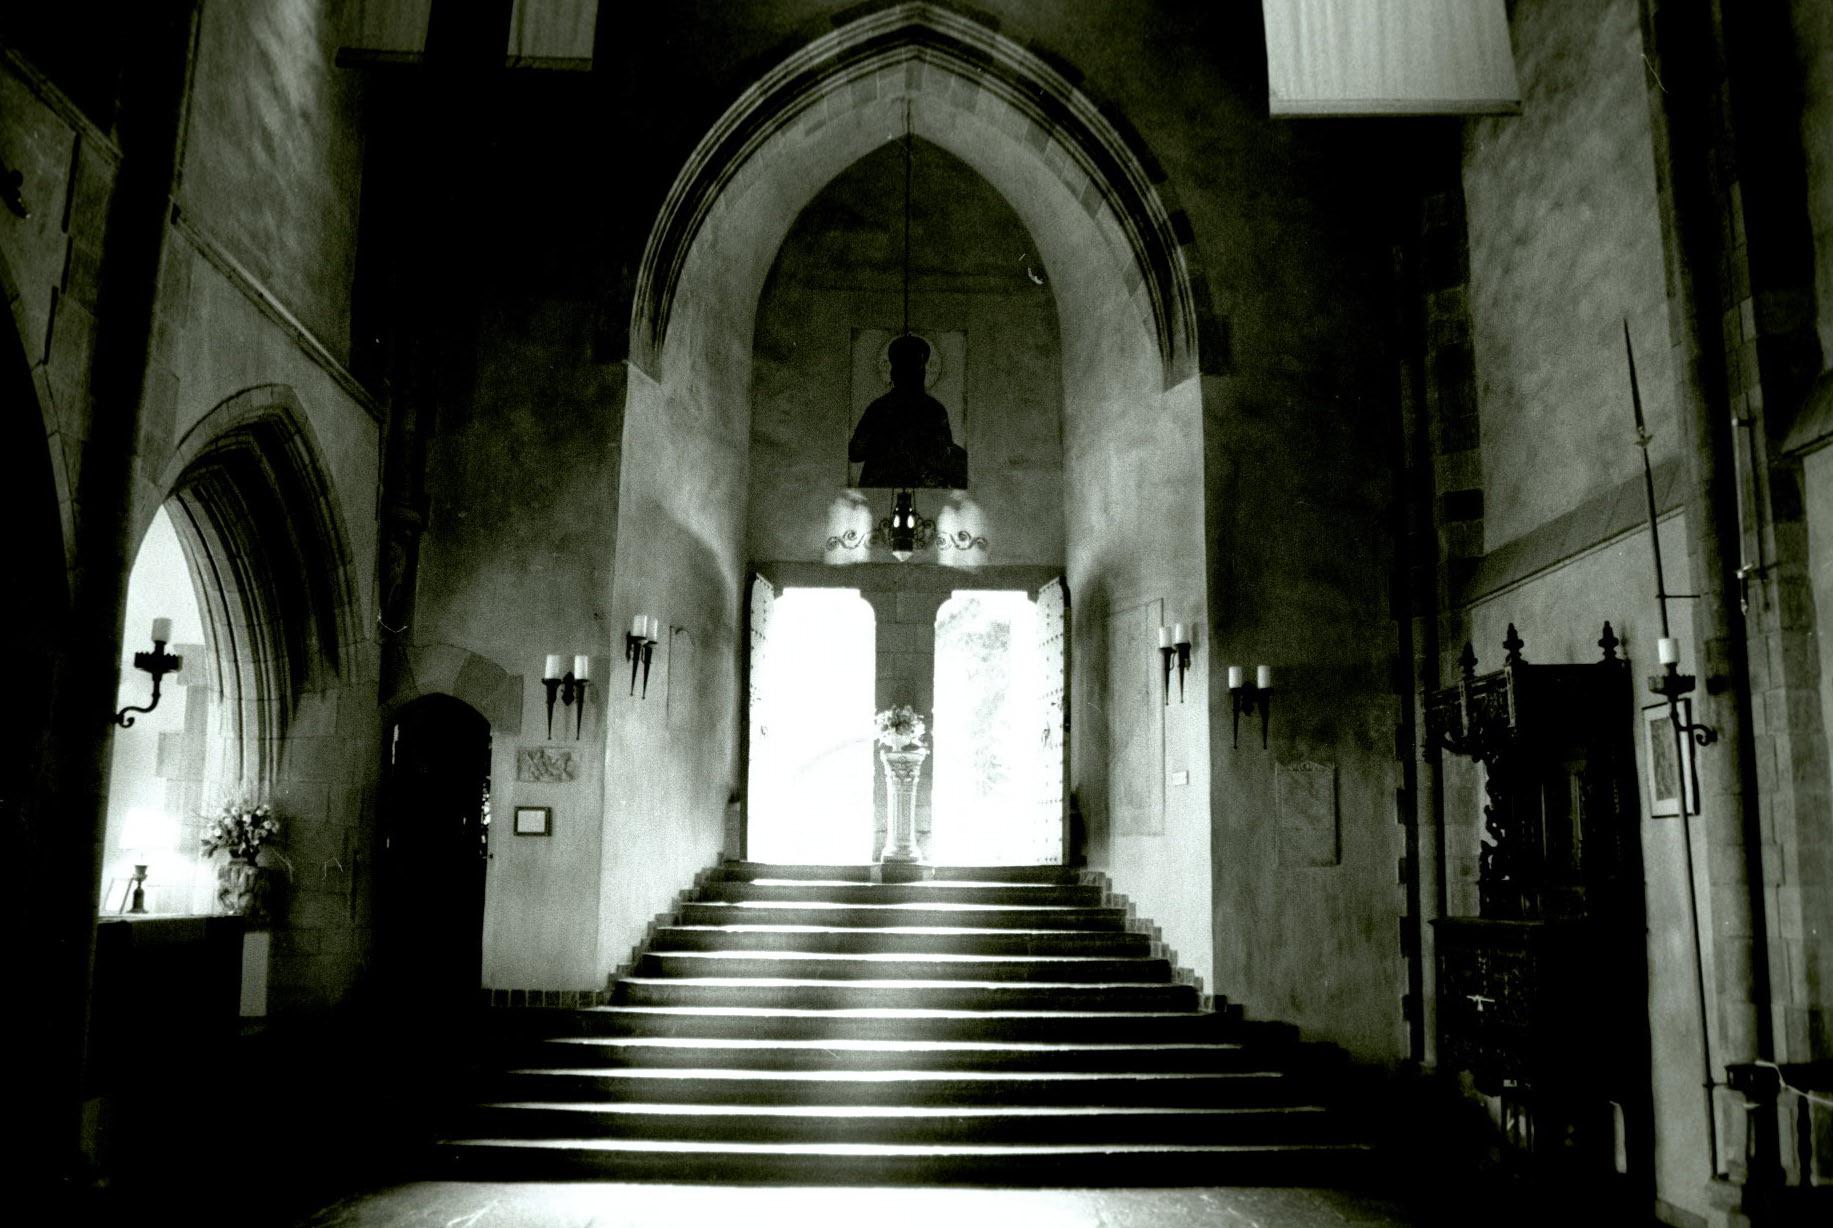 saki's world :: the great hall at hammond castle